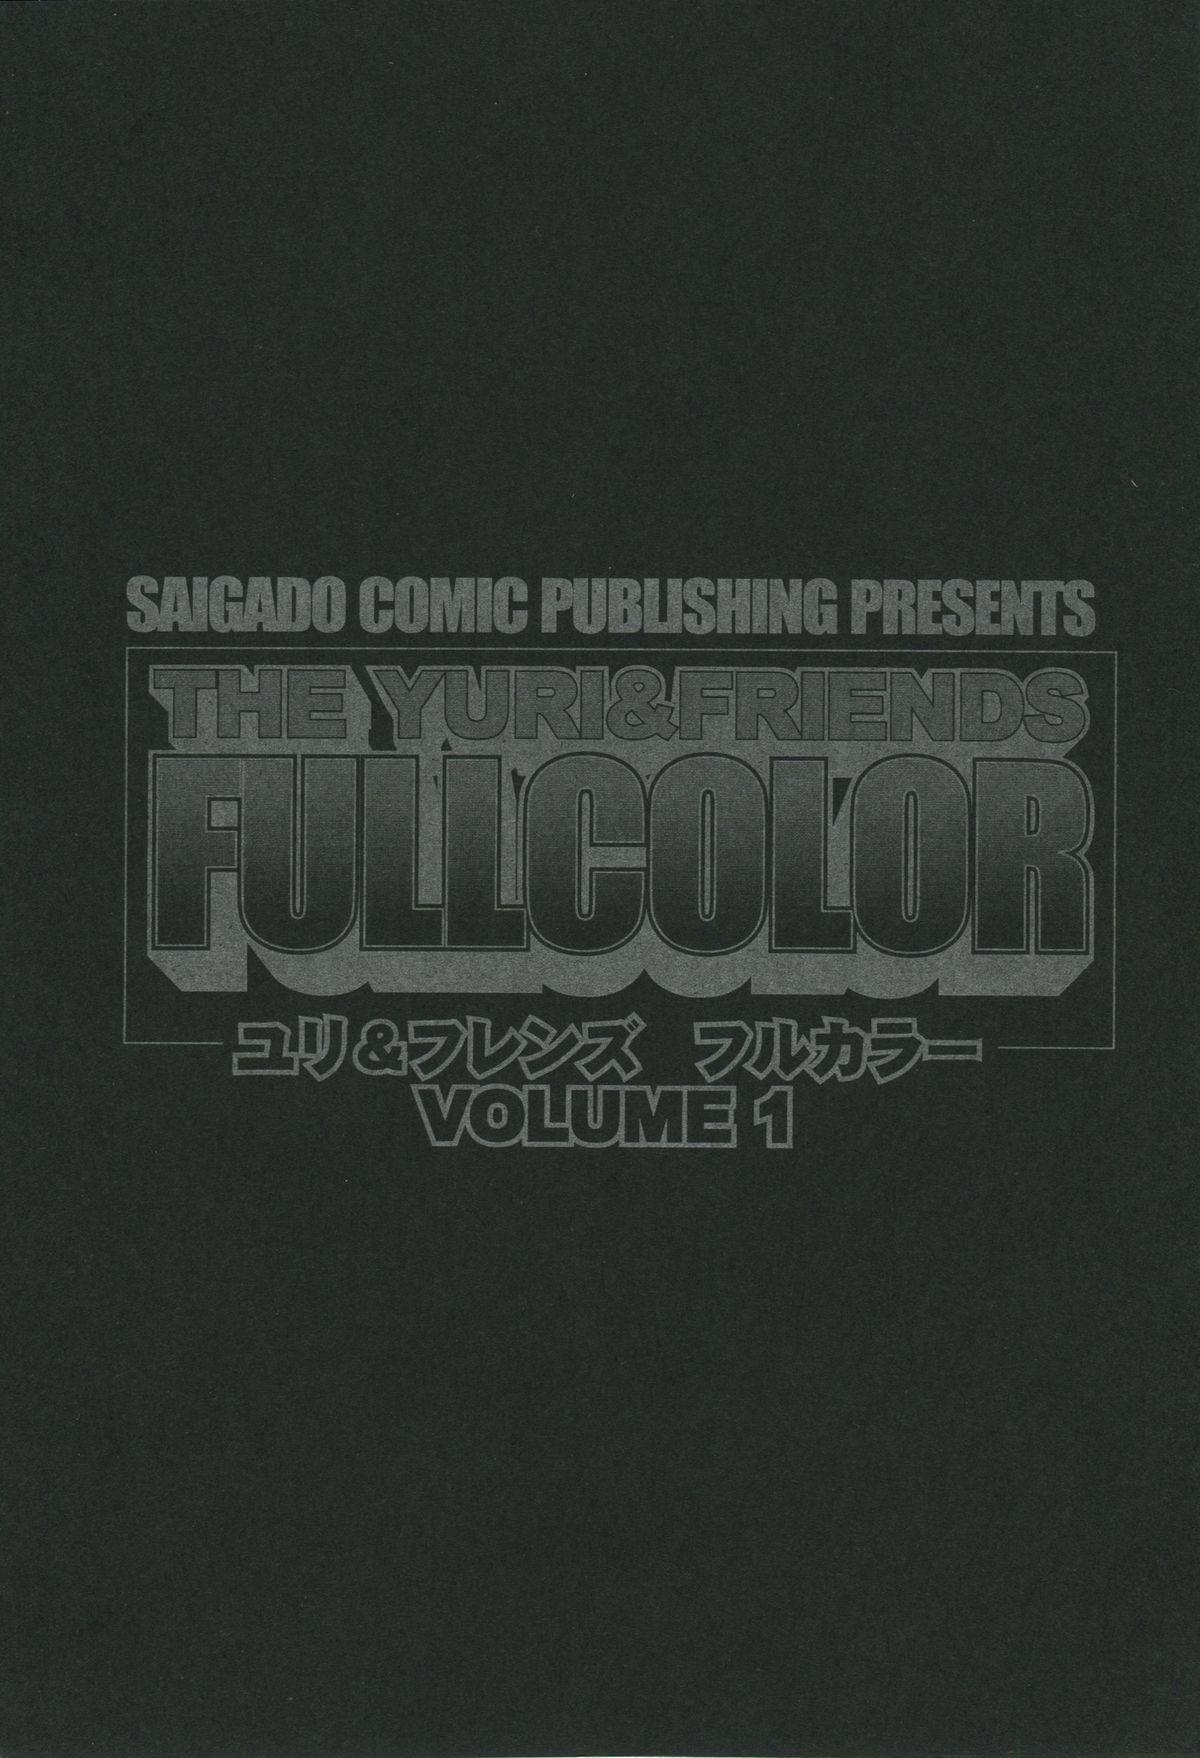 The Yuri & Friends Fullcolor 2